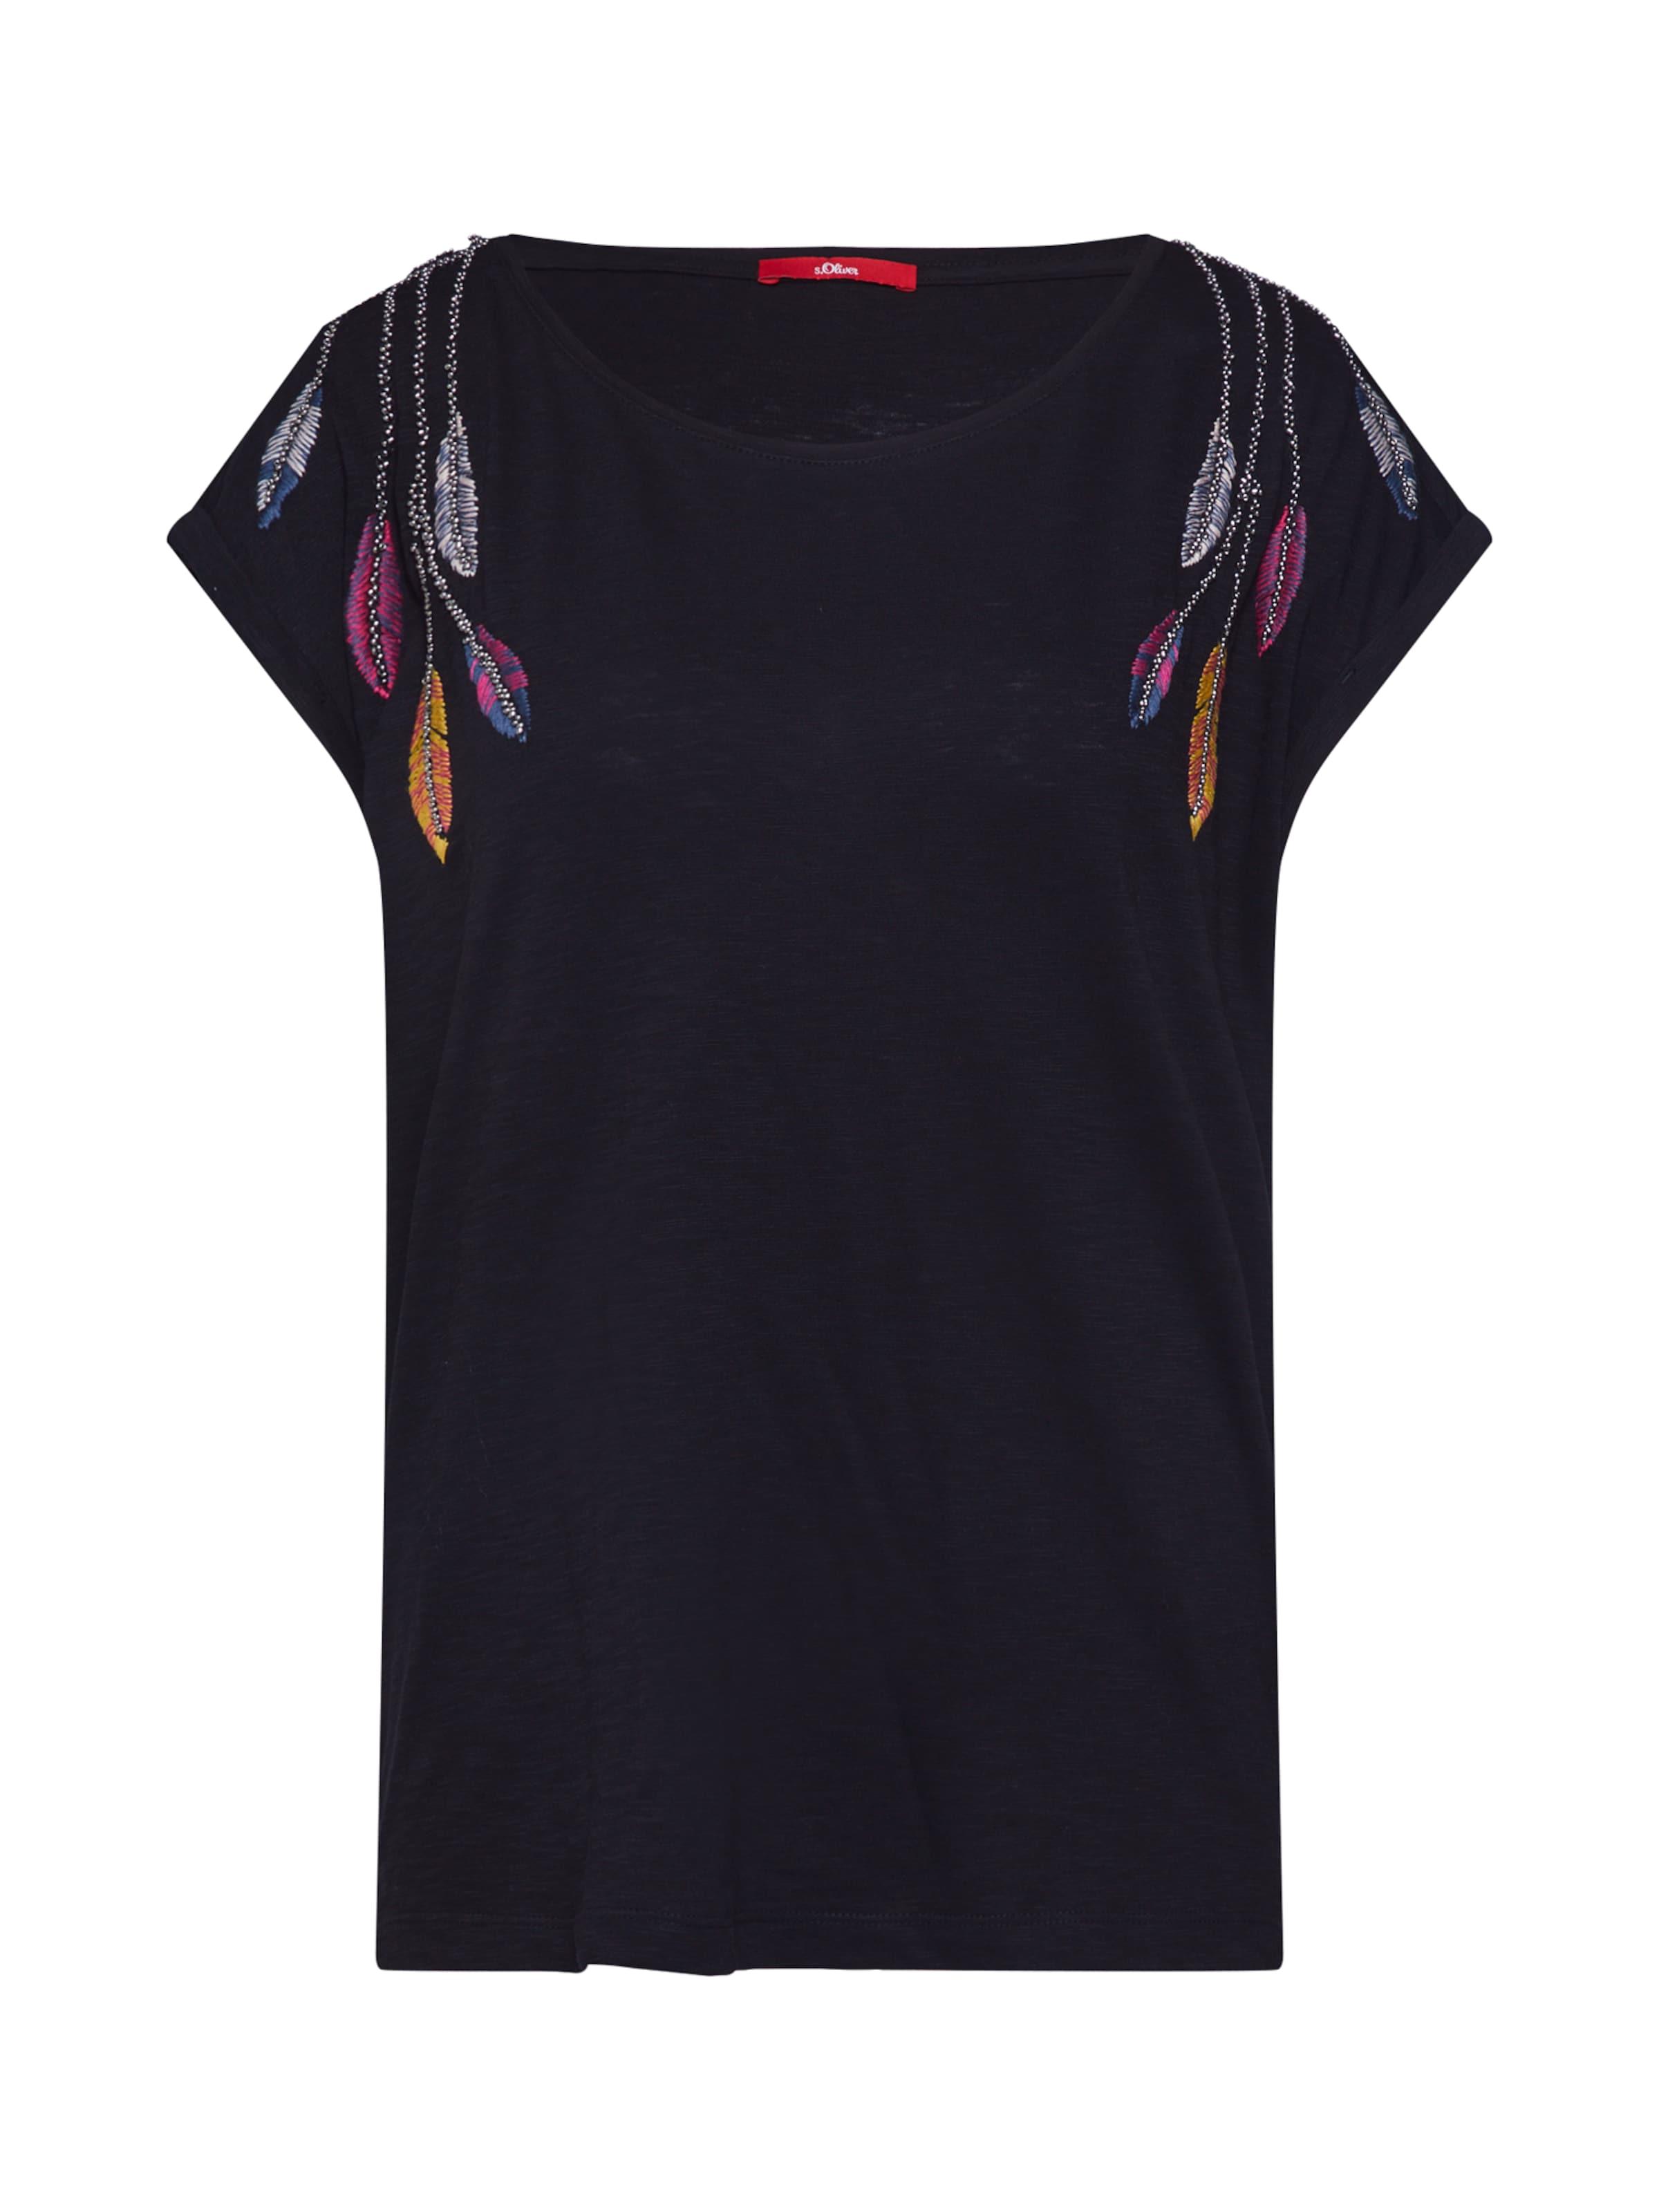 shirt S oliver Red Label En T Noir nwP0Ok